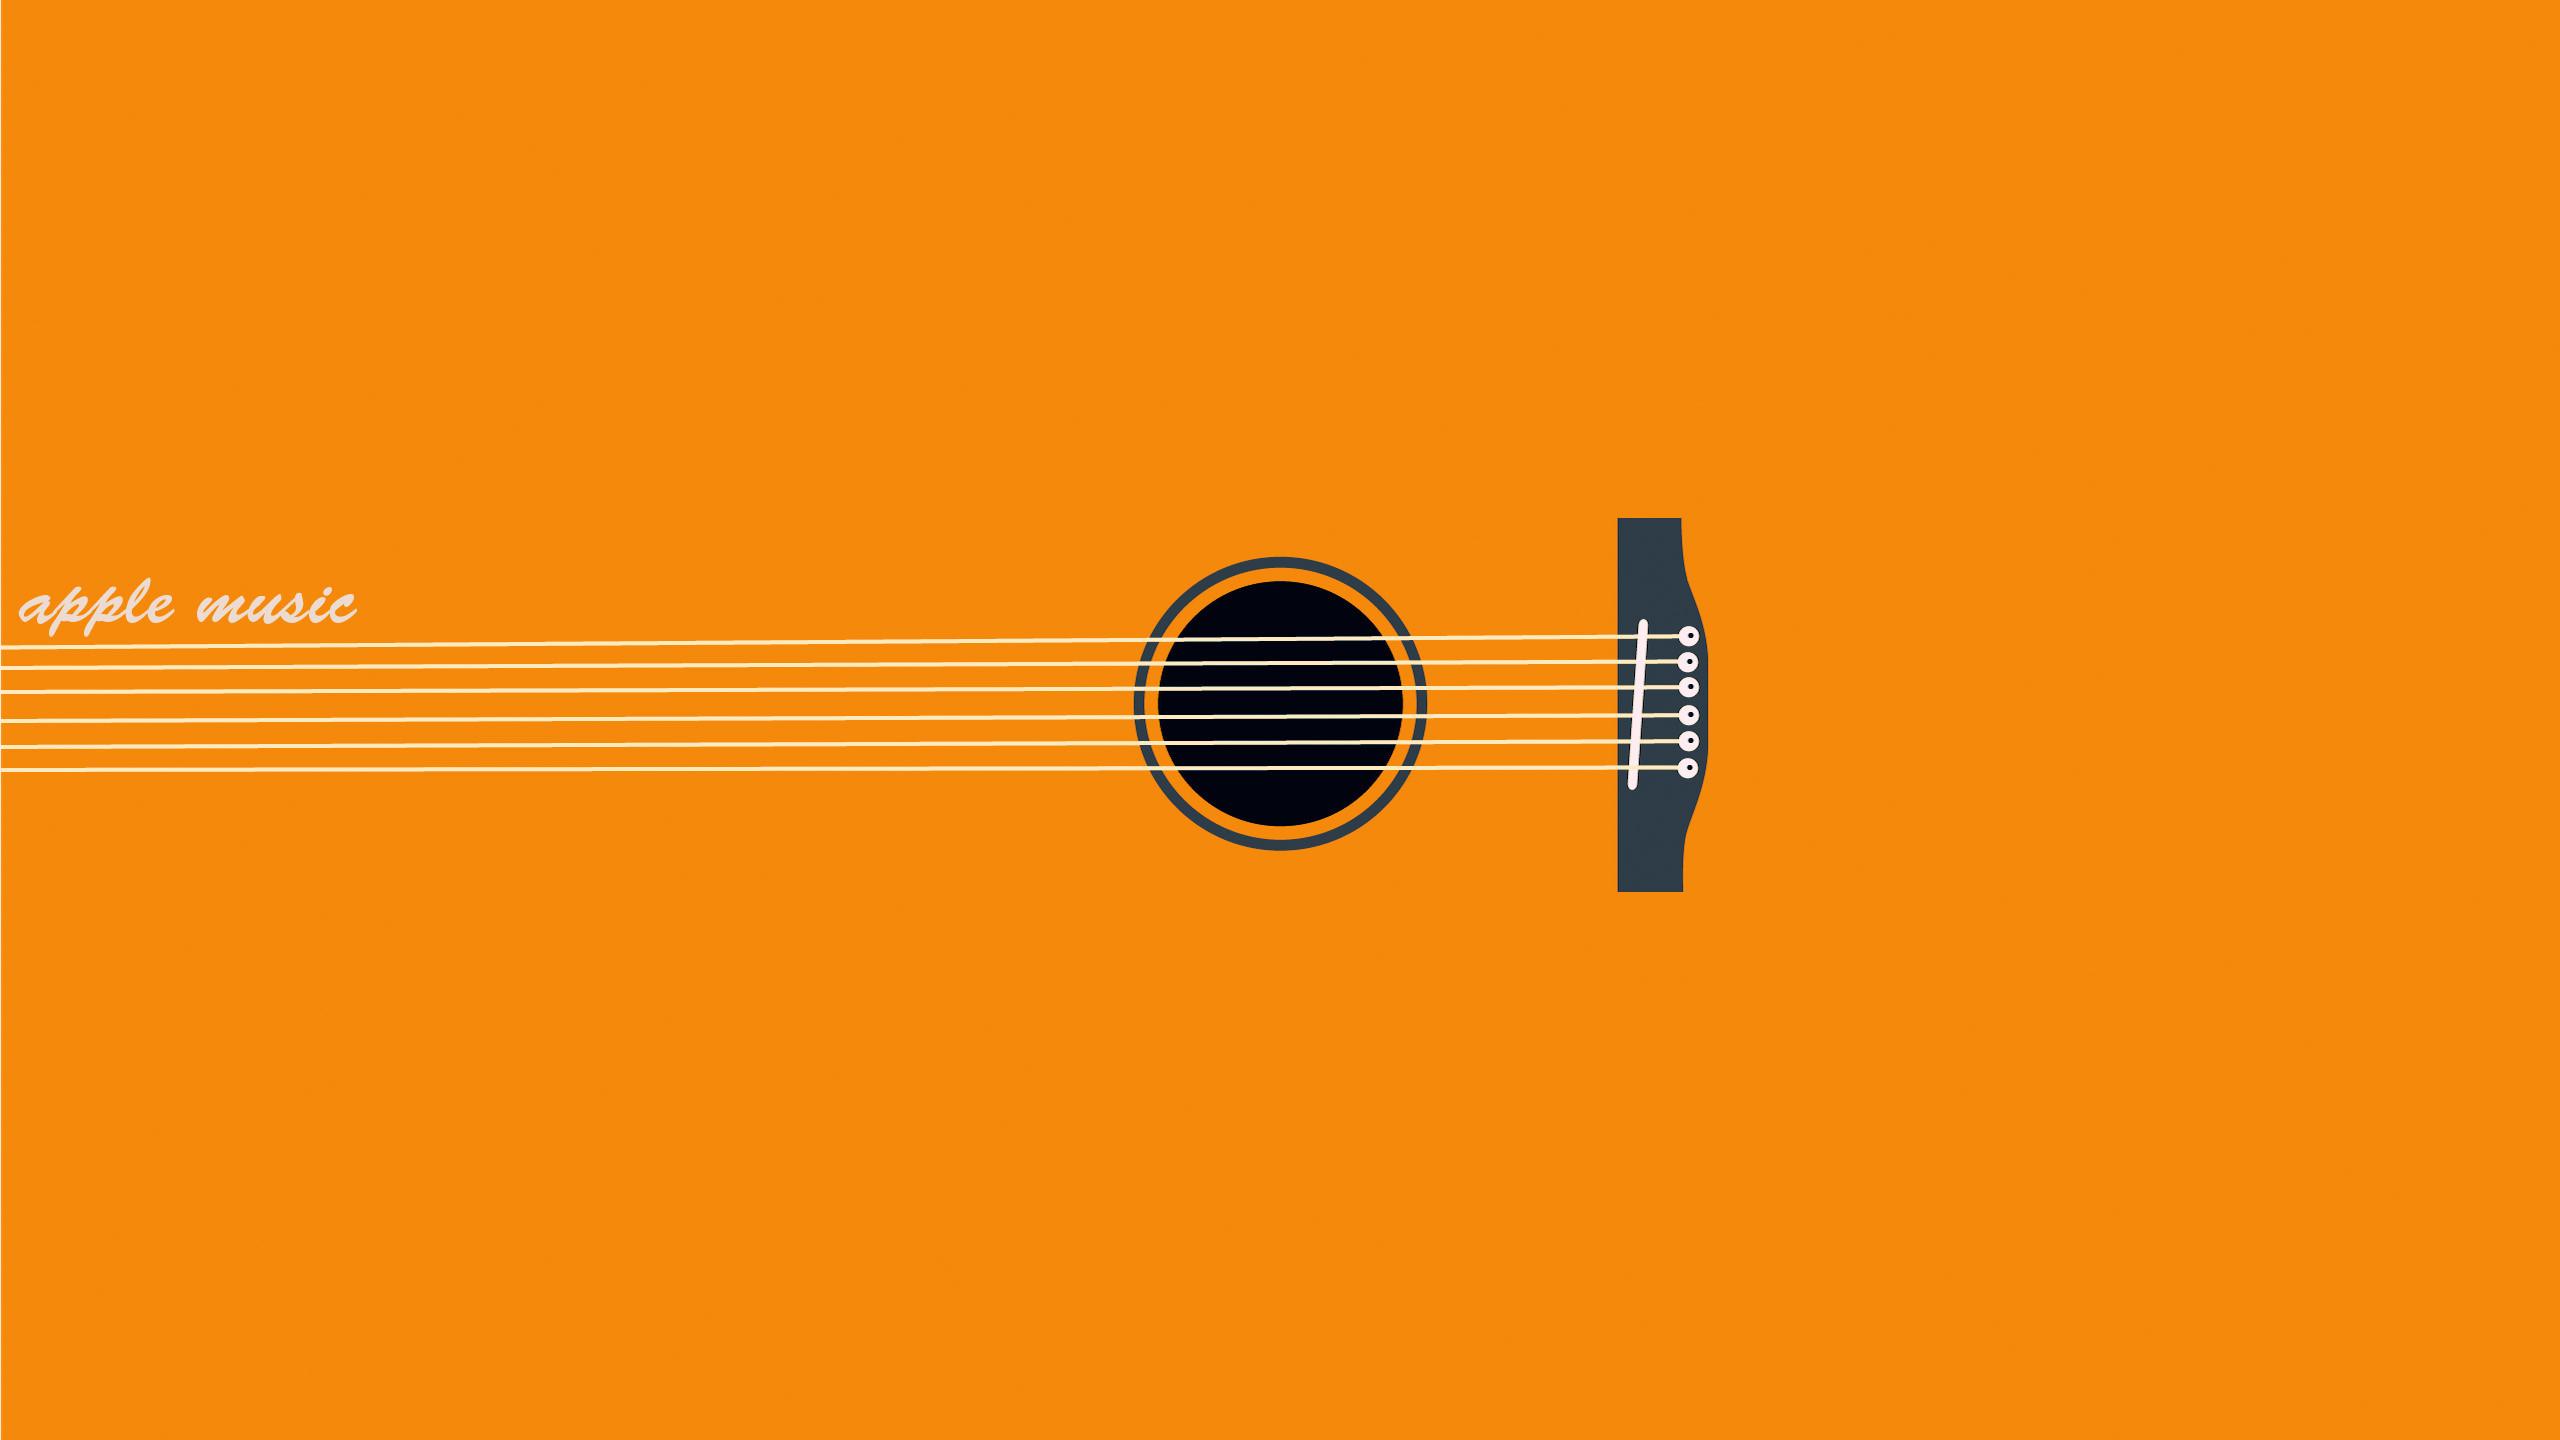 Music Apple Mac Desktop Wallpapers HD Classical Guitar Tablature Mac .